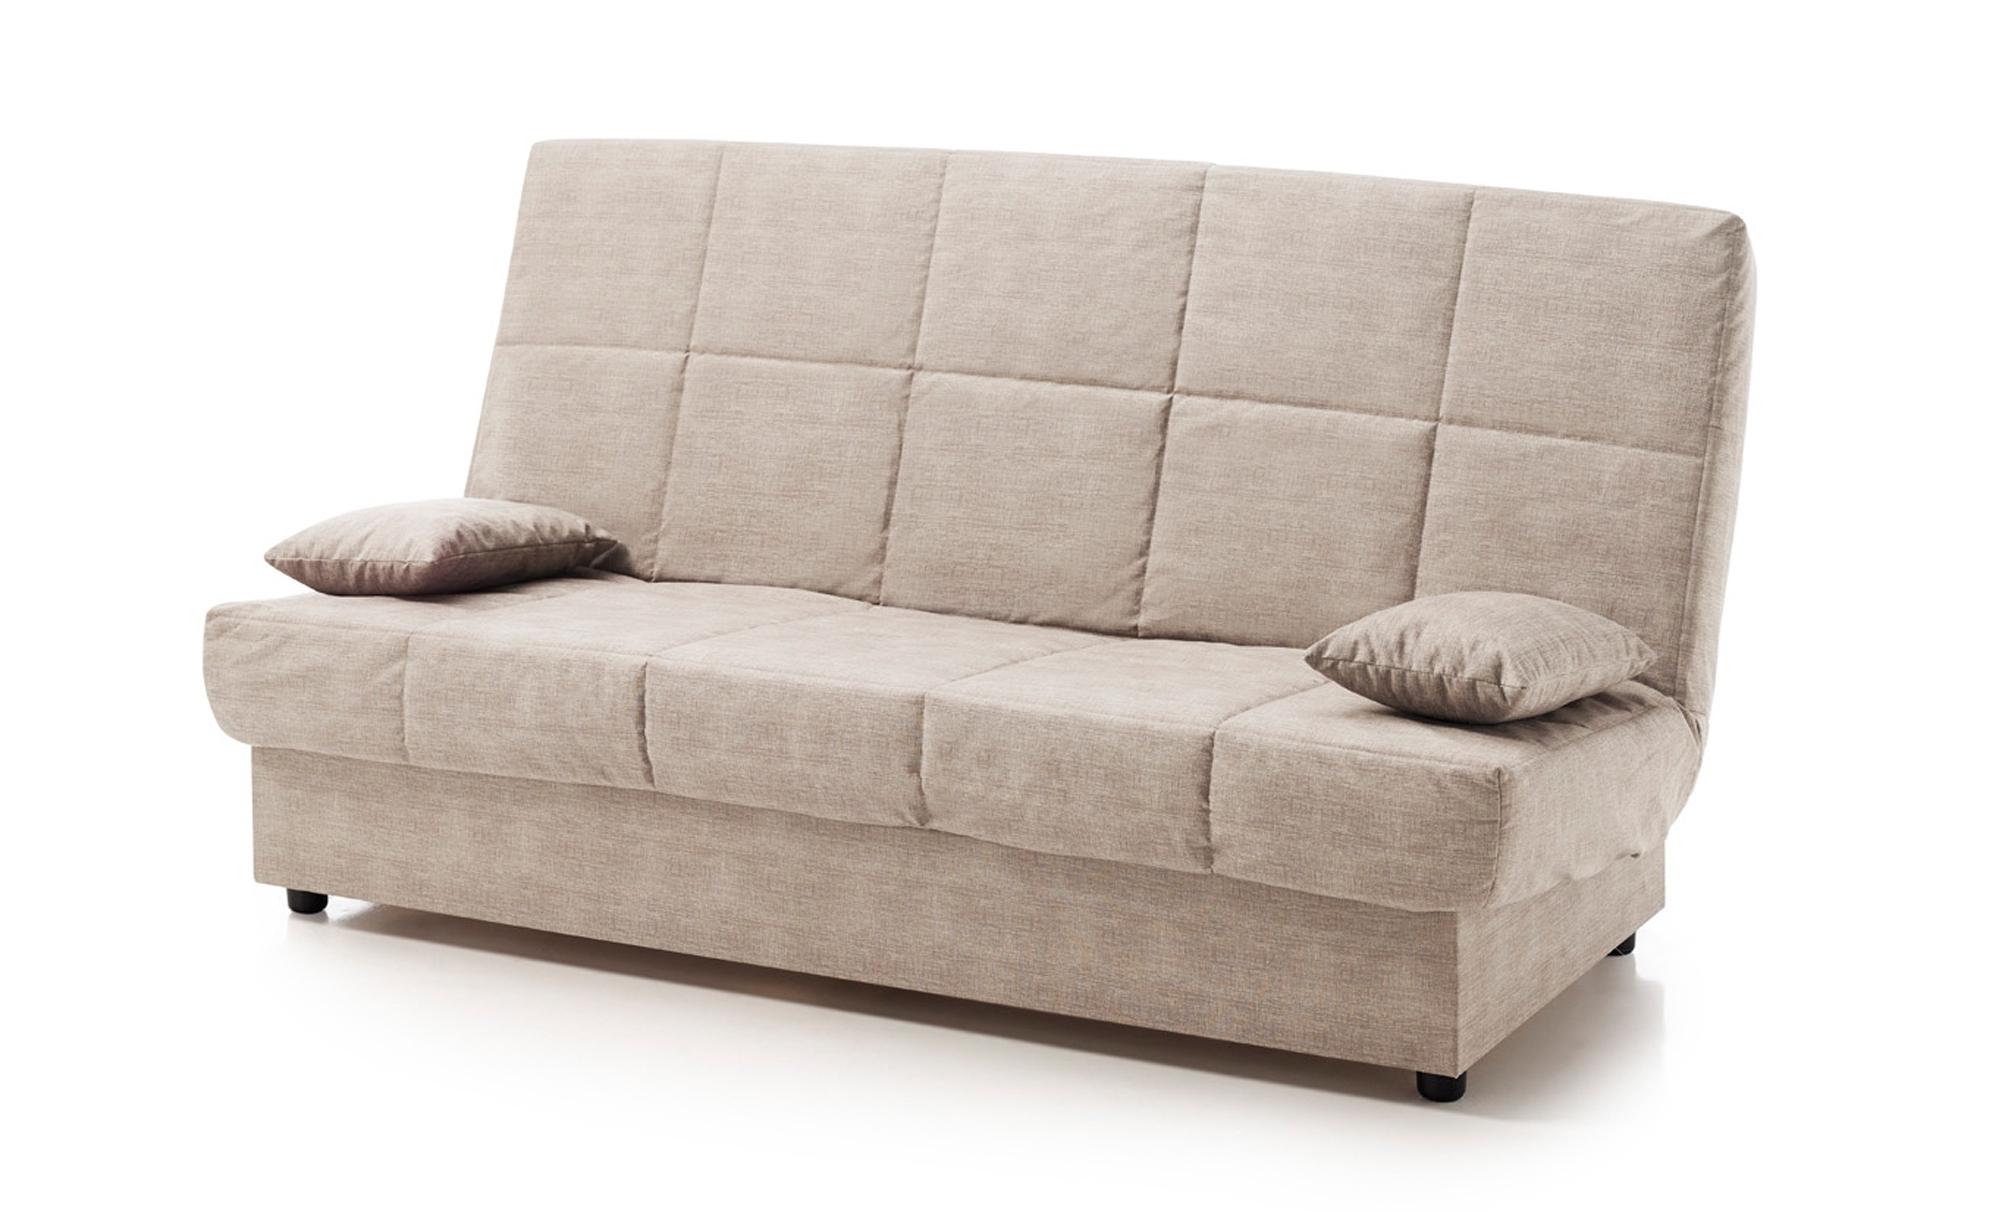 Sofa Cama Con Arcon X8d1 sofà Cama atlanta Arcà N Gran Capacidad Econà Mico